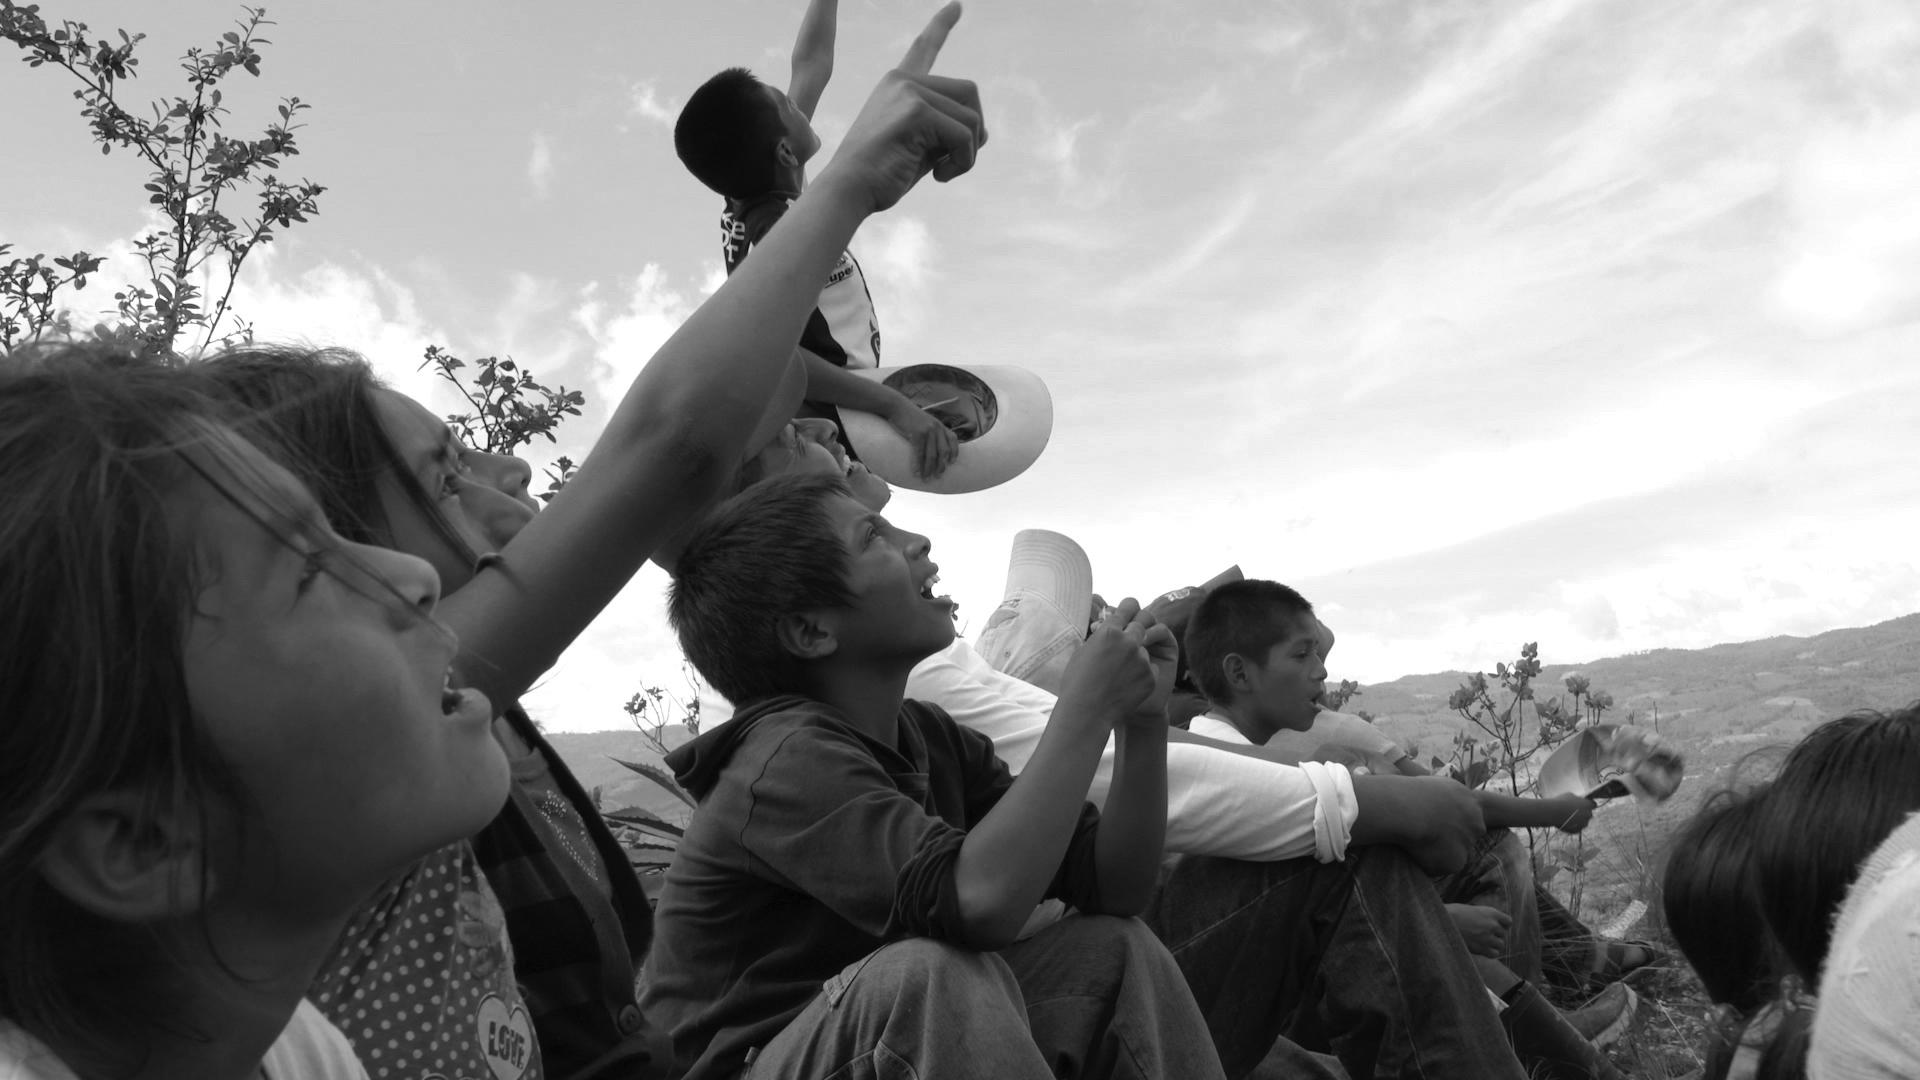 En 2019, récord de producciones cinematográficas en México